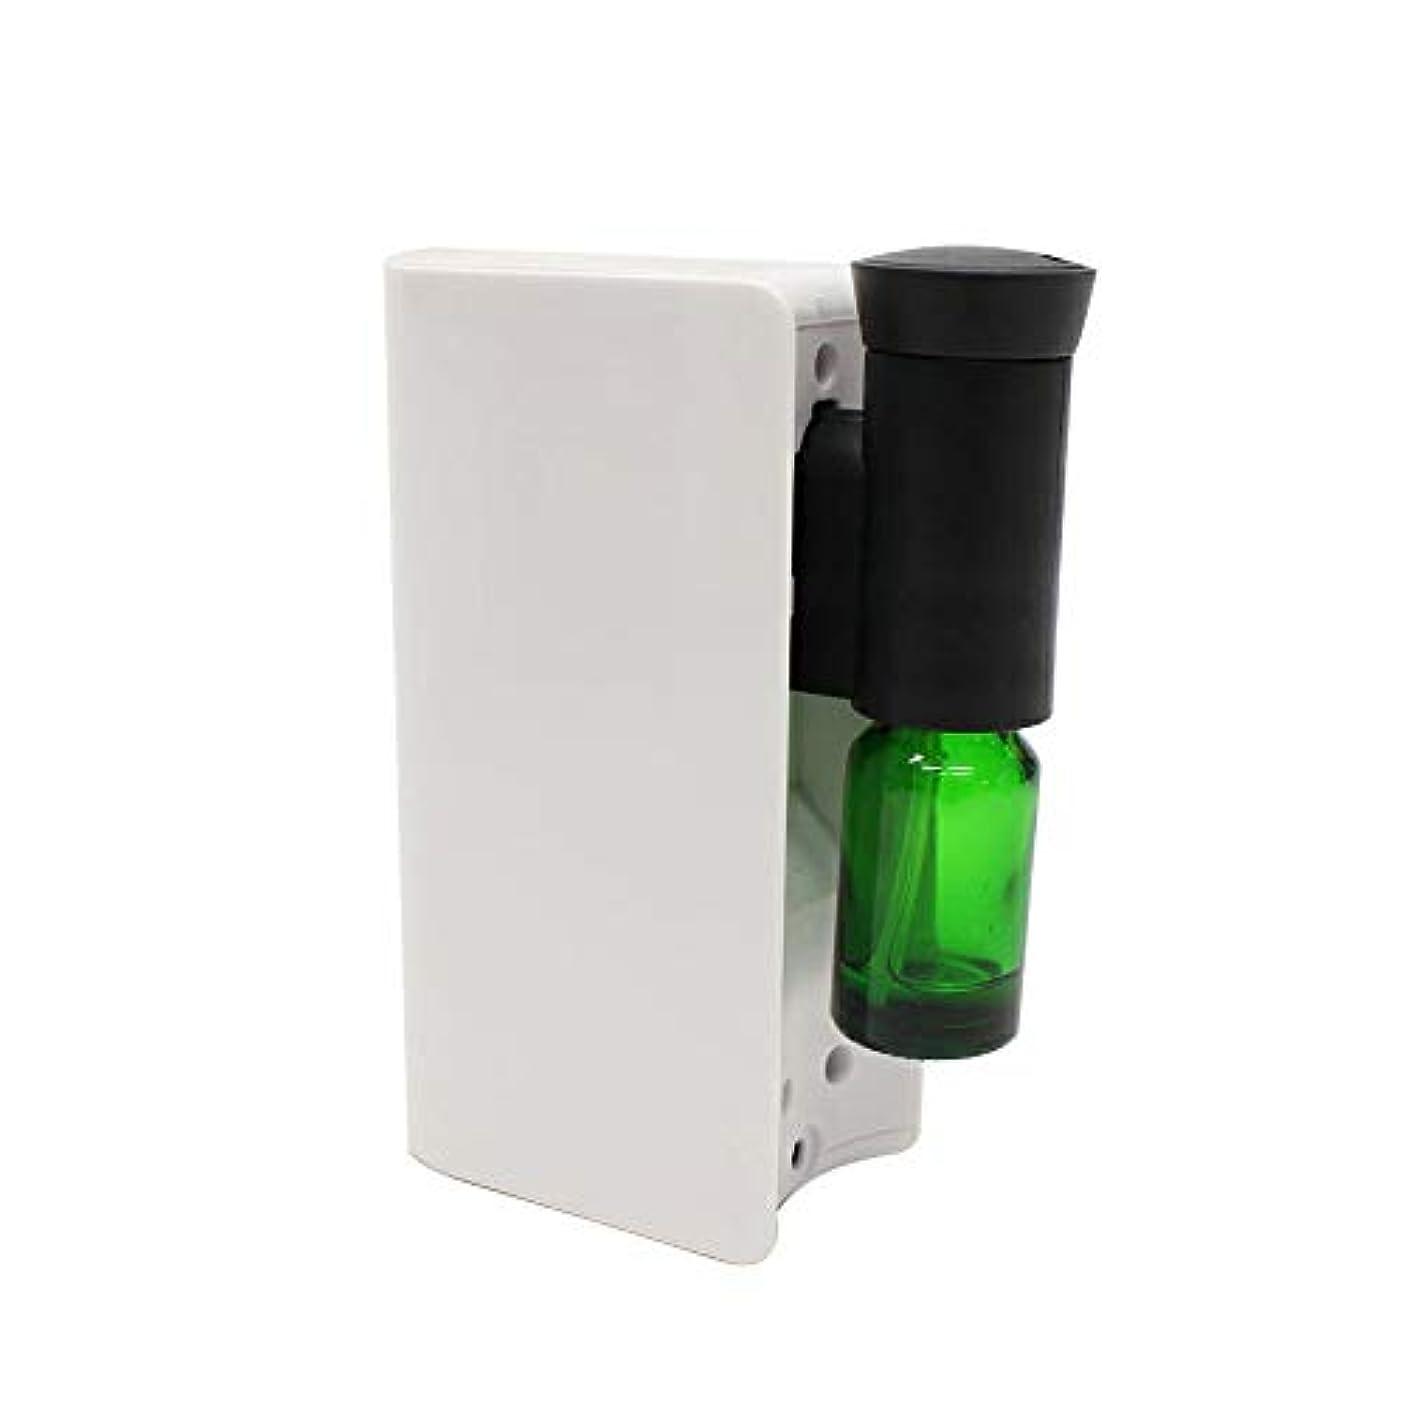 残り物辞書勤勉なアロマ ディフューザー 電池式アロマディフューザー 水を使わない ネブライザー式 アロマオイル対応 自動停止 ECOモード搭載 香り 癒し シンプル コンパクト ホワイト